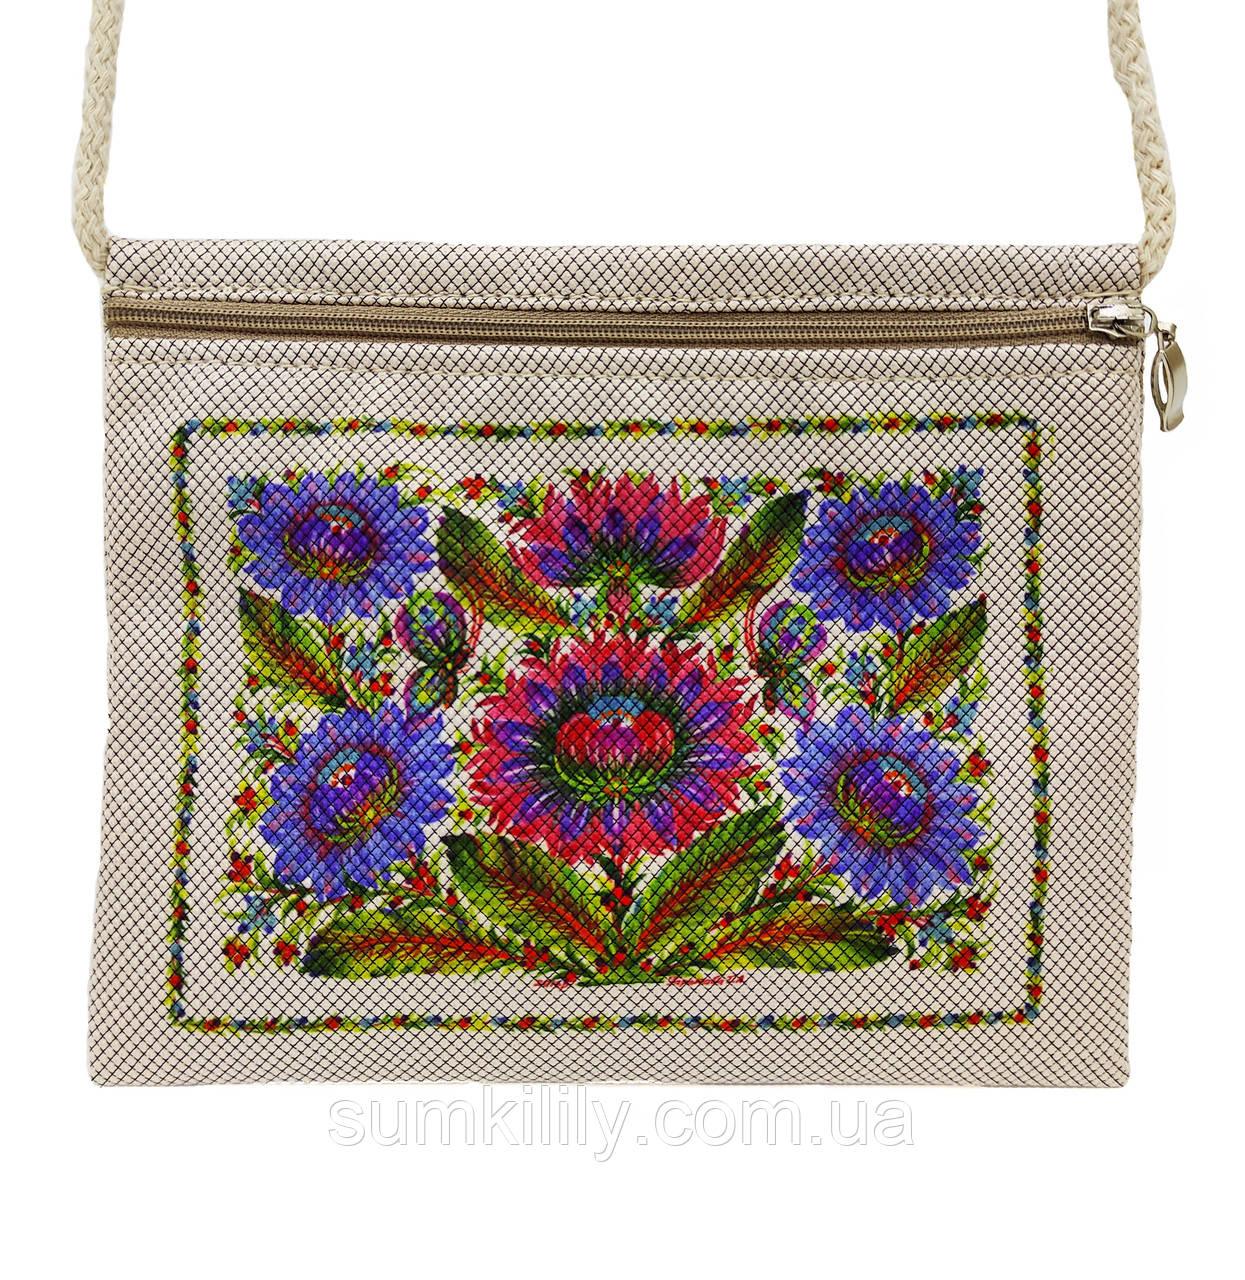 Текстильный кошелек Астры